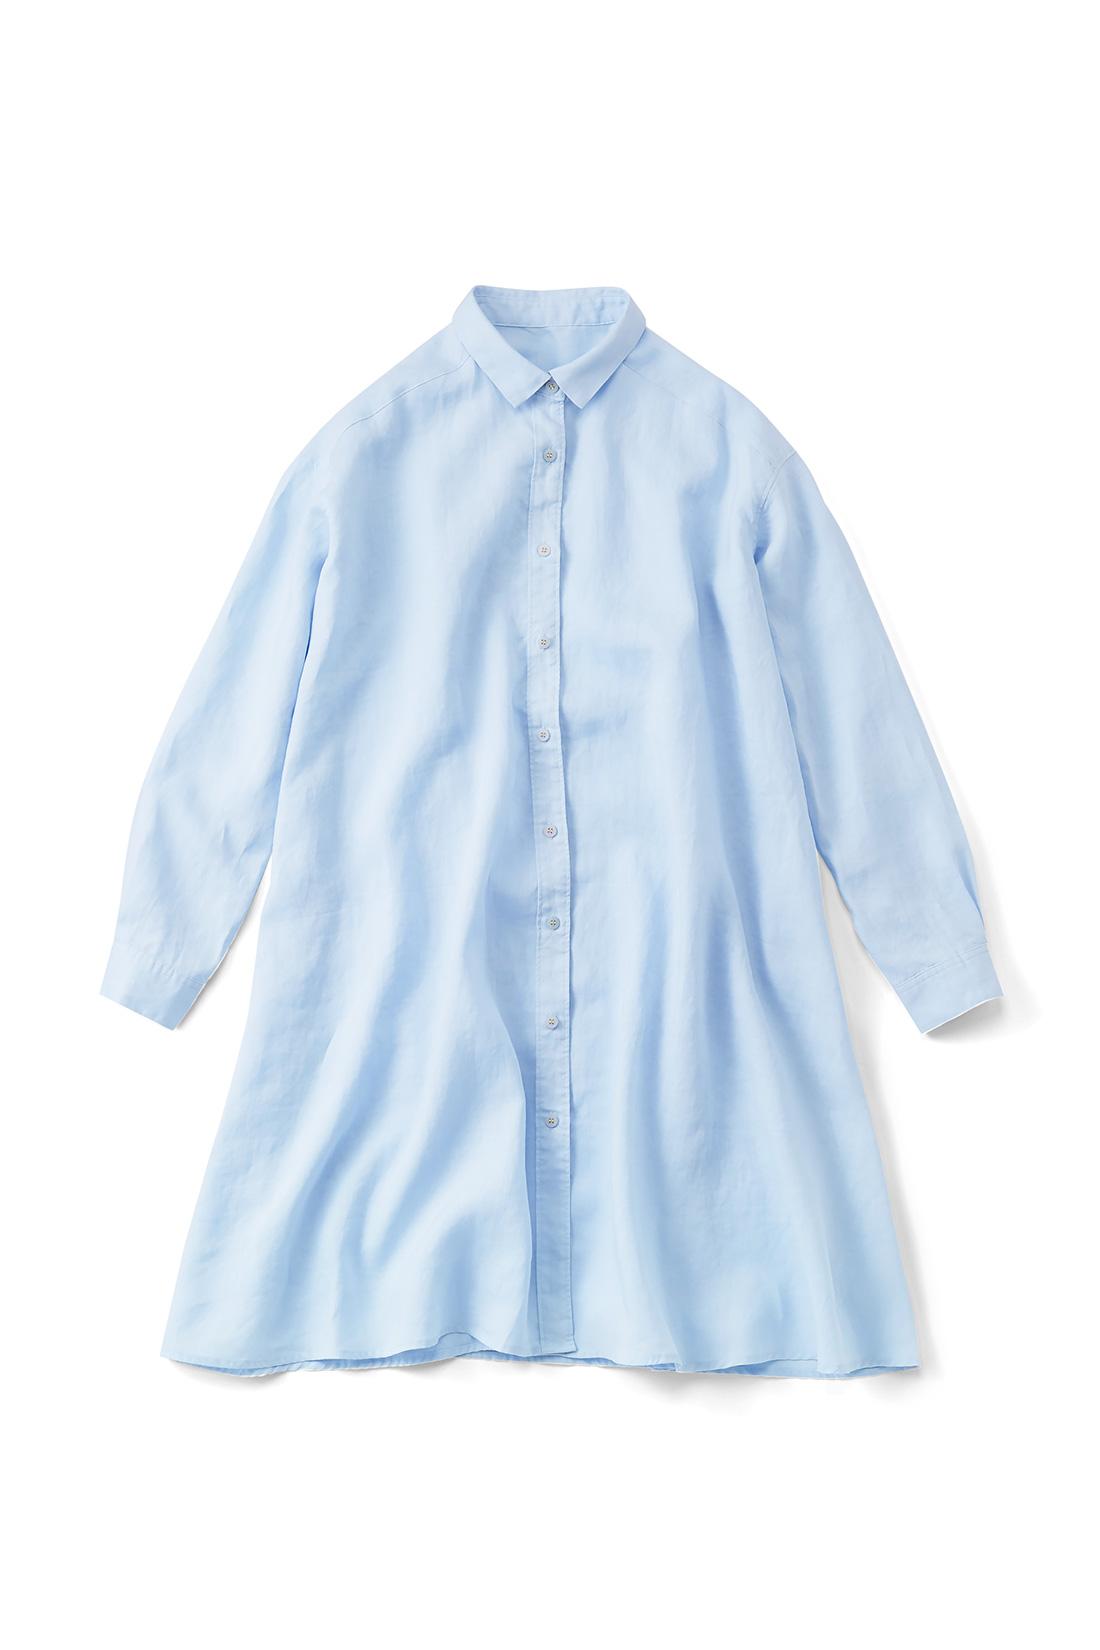 【ライトブルー】麻の素材感が涼しげ。ほんのり透け感がある素材です。はおるように着ても素敵。